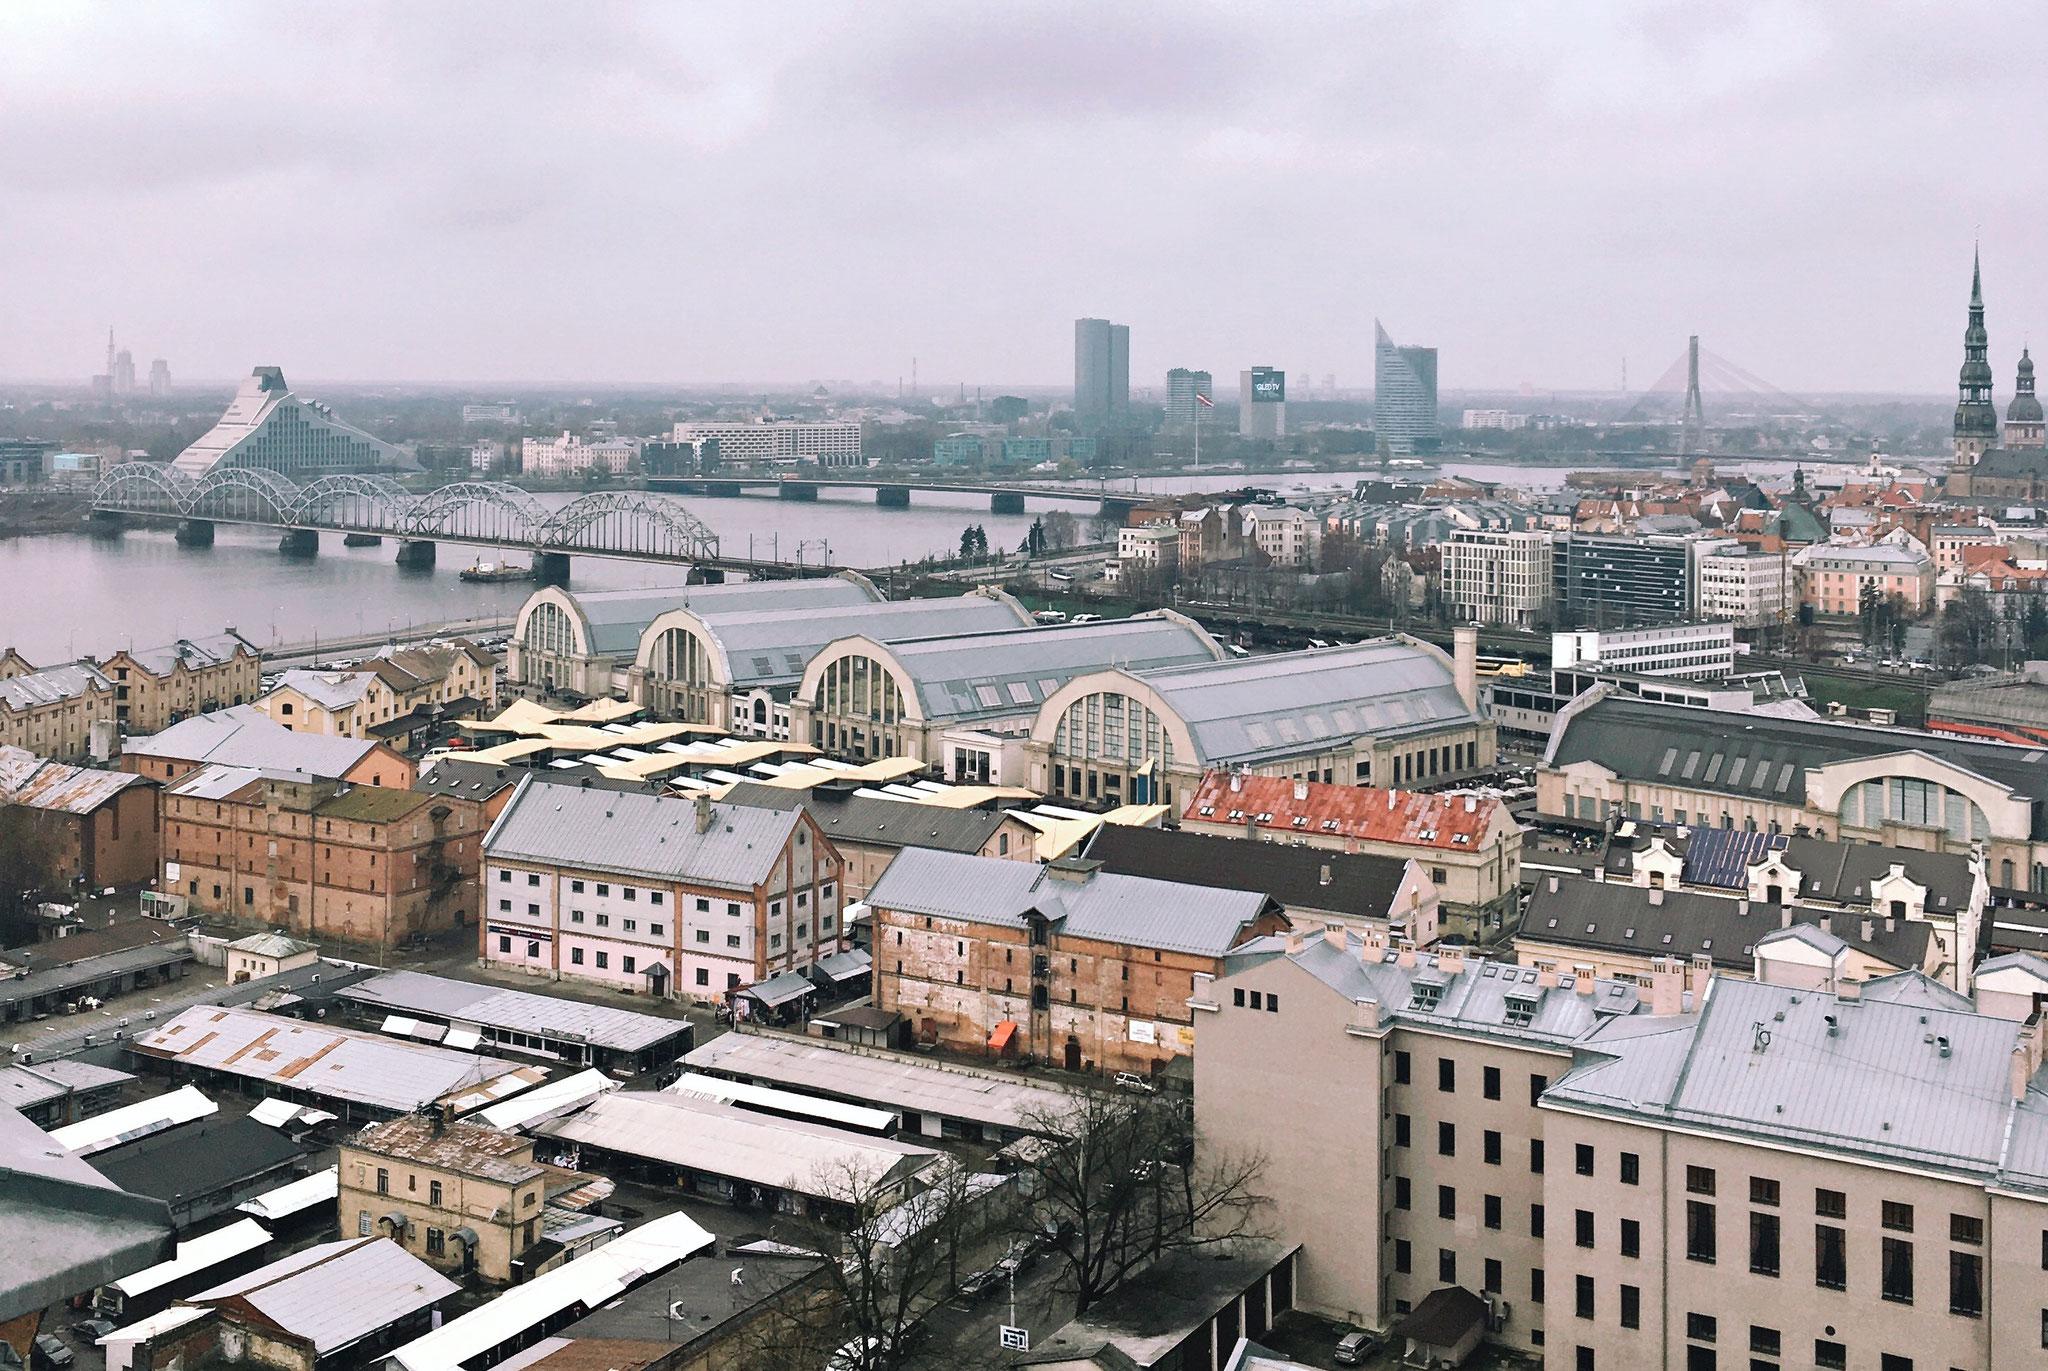 Markthallen und Turm von St. Peter